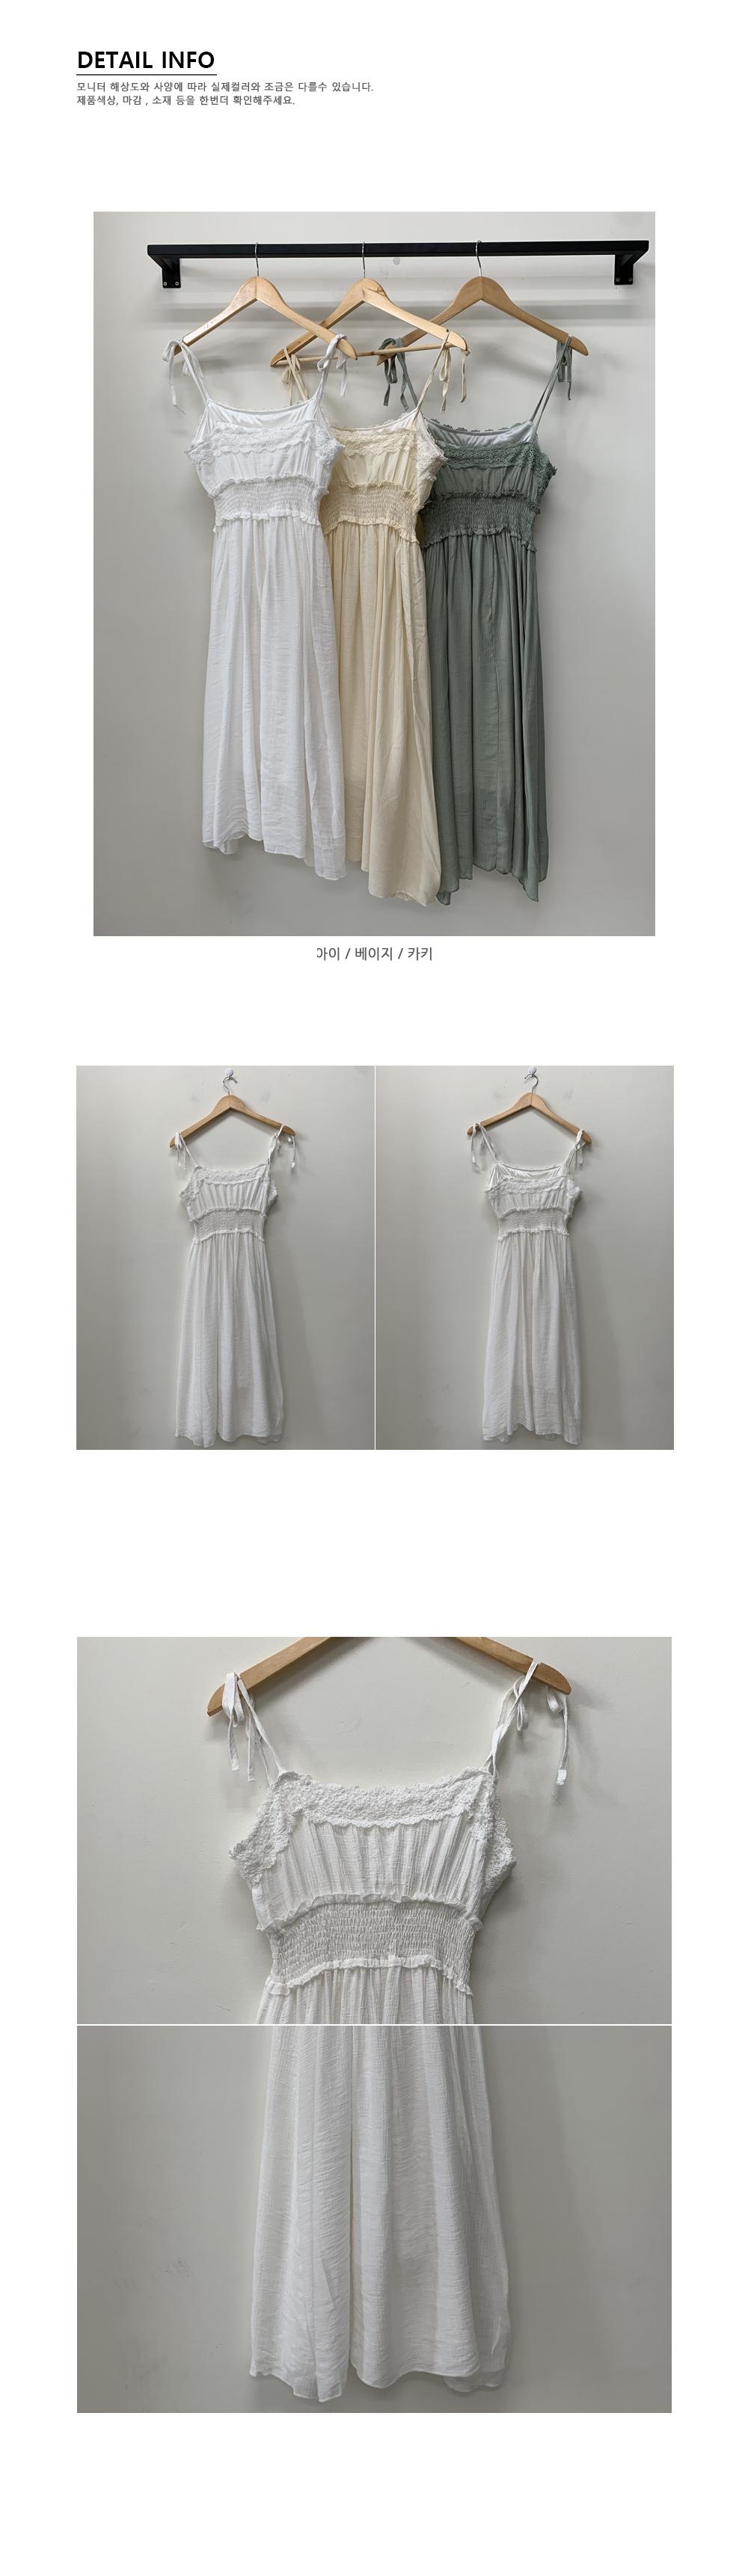 Lace chiffon long dress